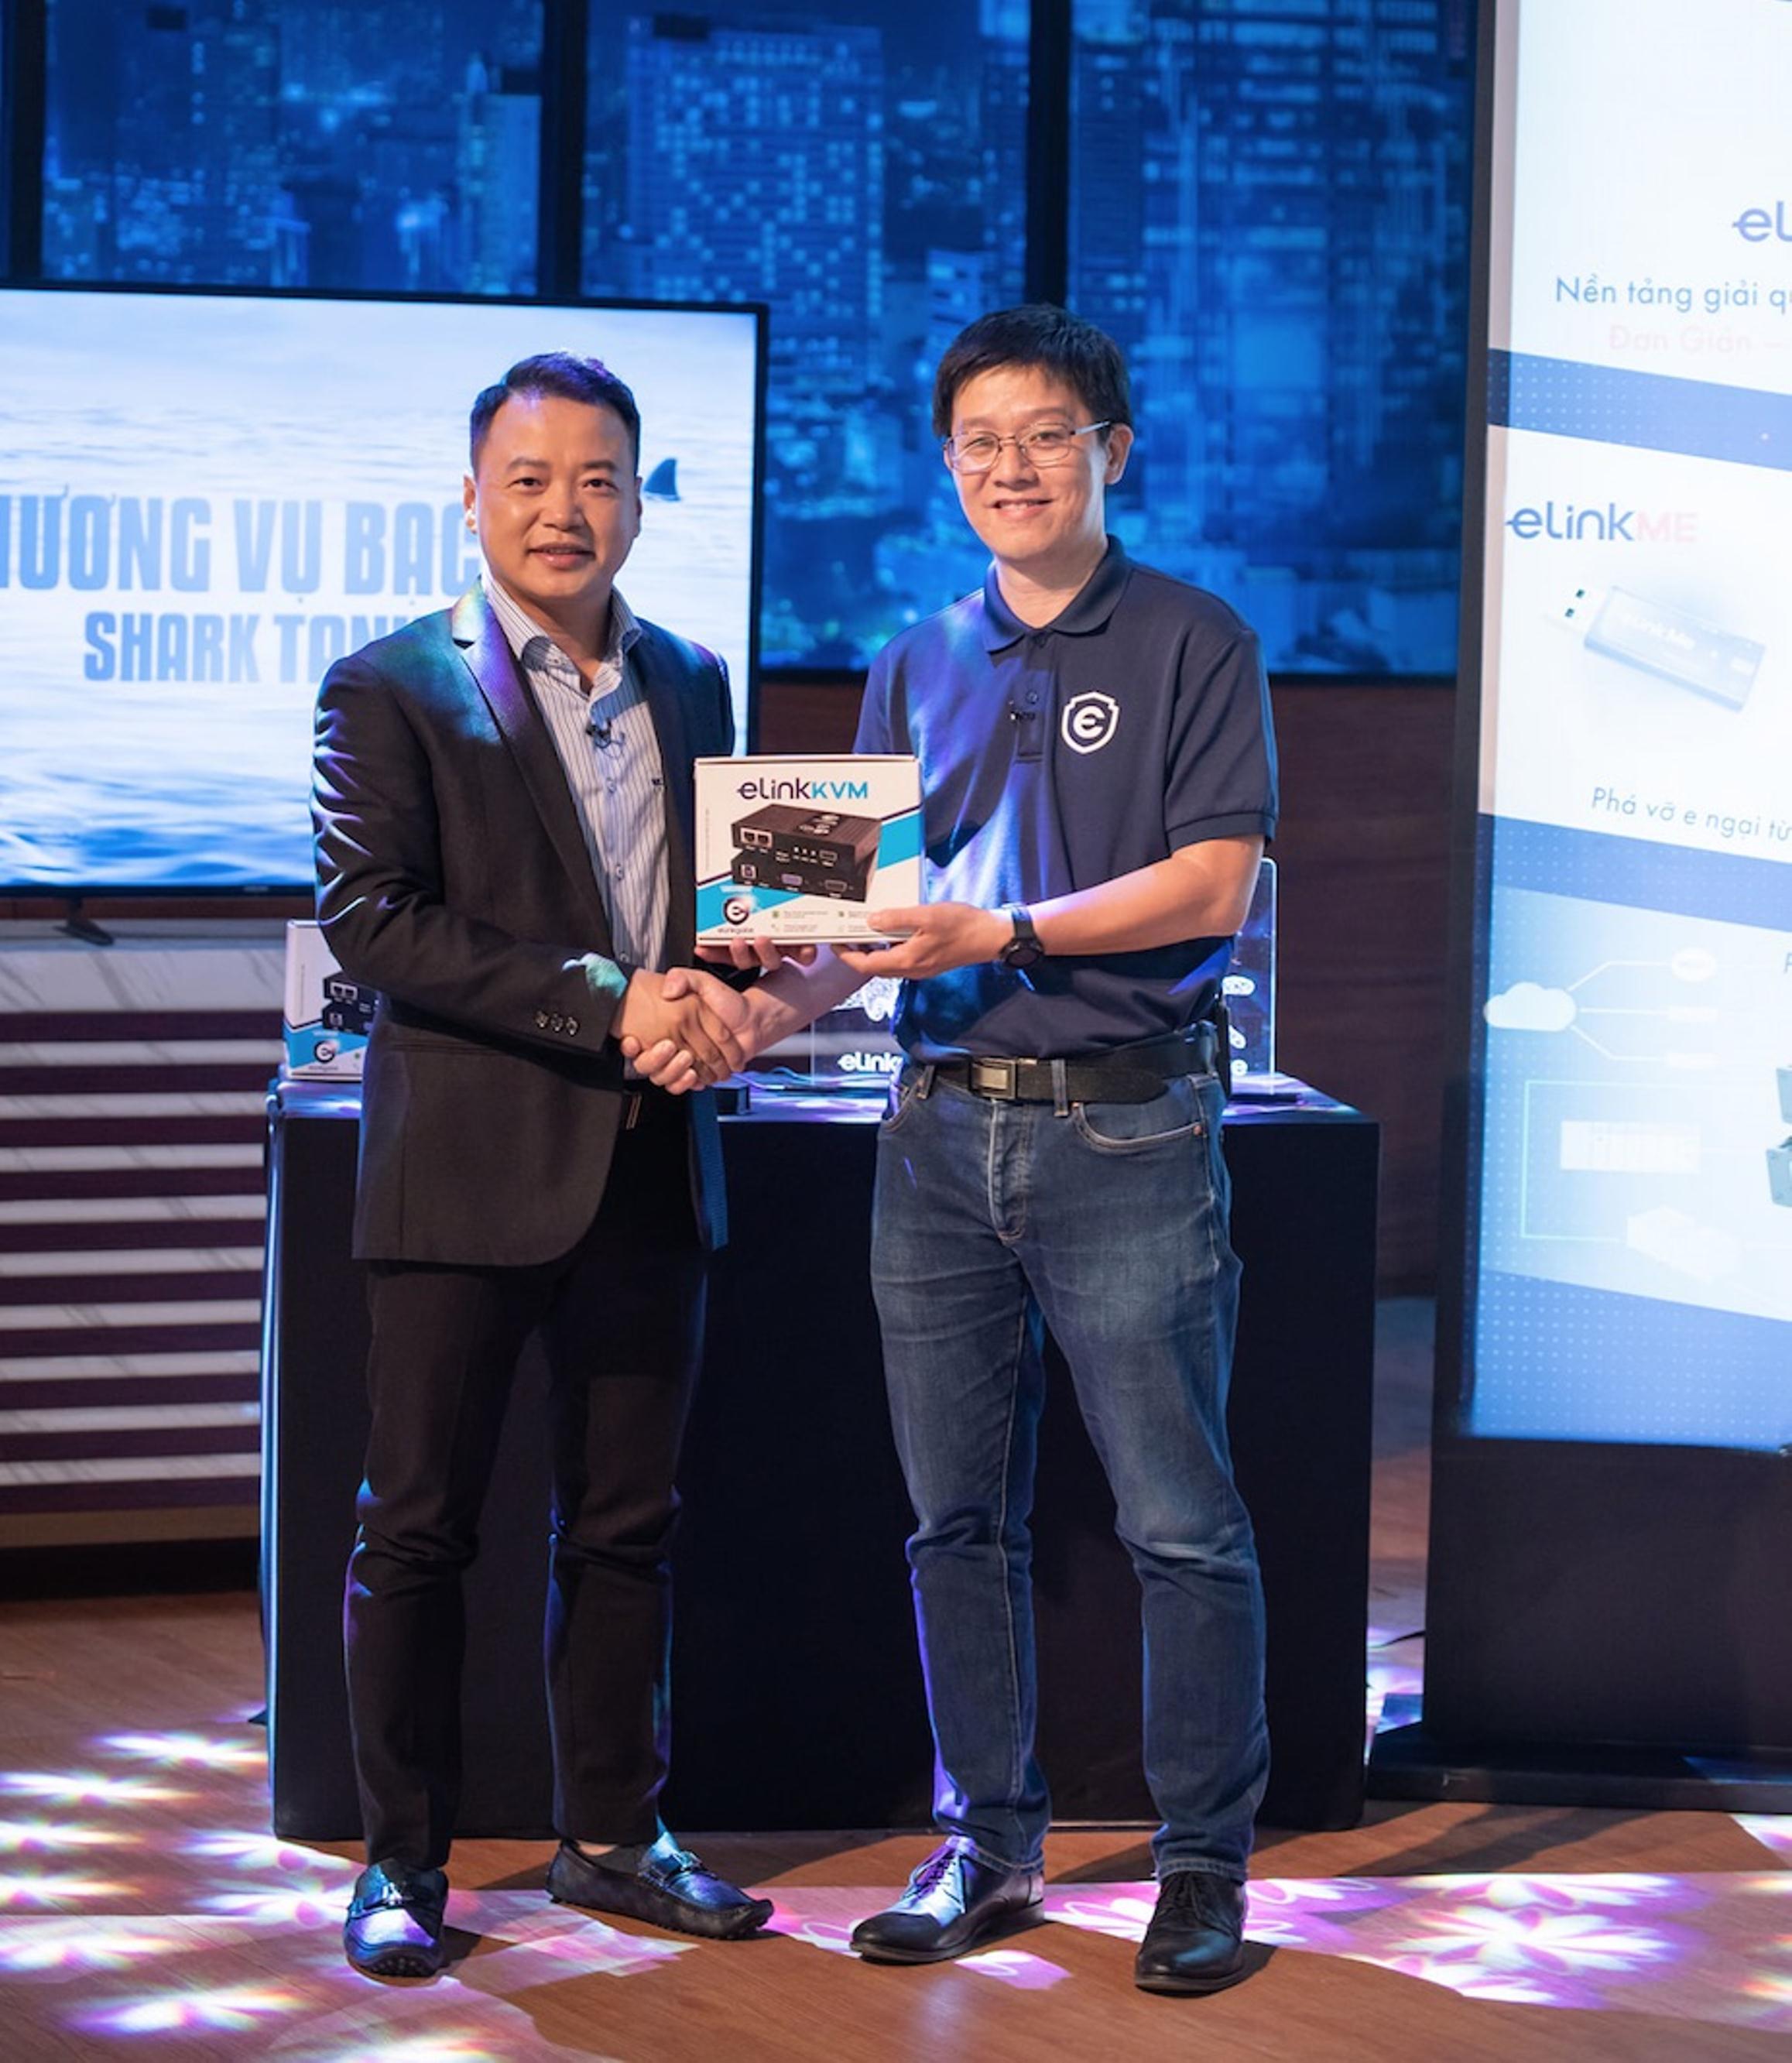 CEO Công ty ELINKGATE Nguyễn Xuân Hoàng (Phải)